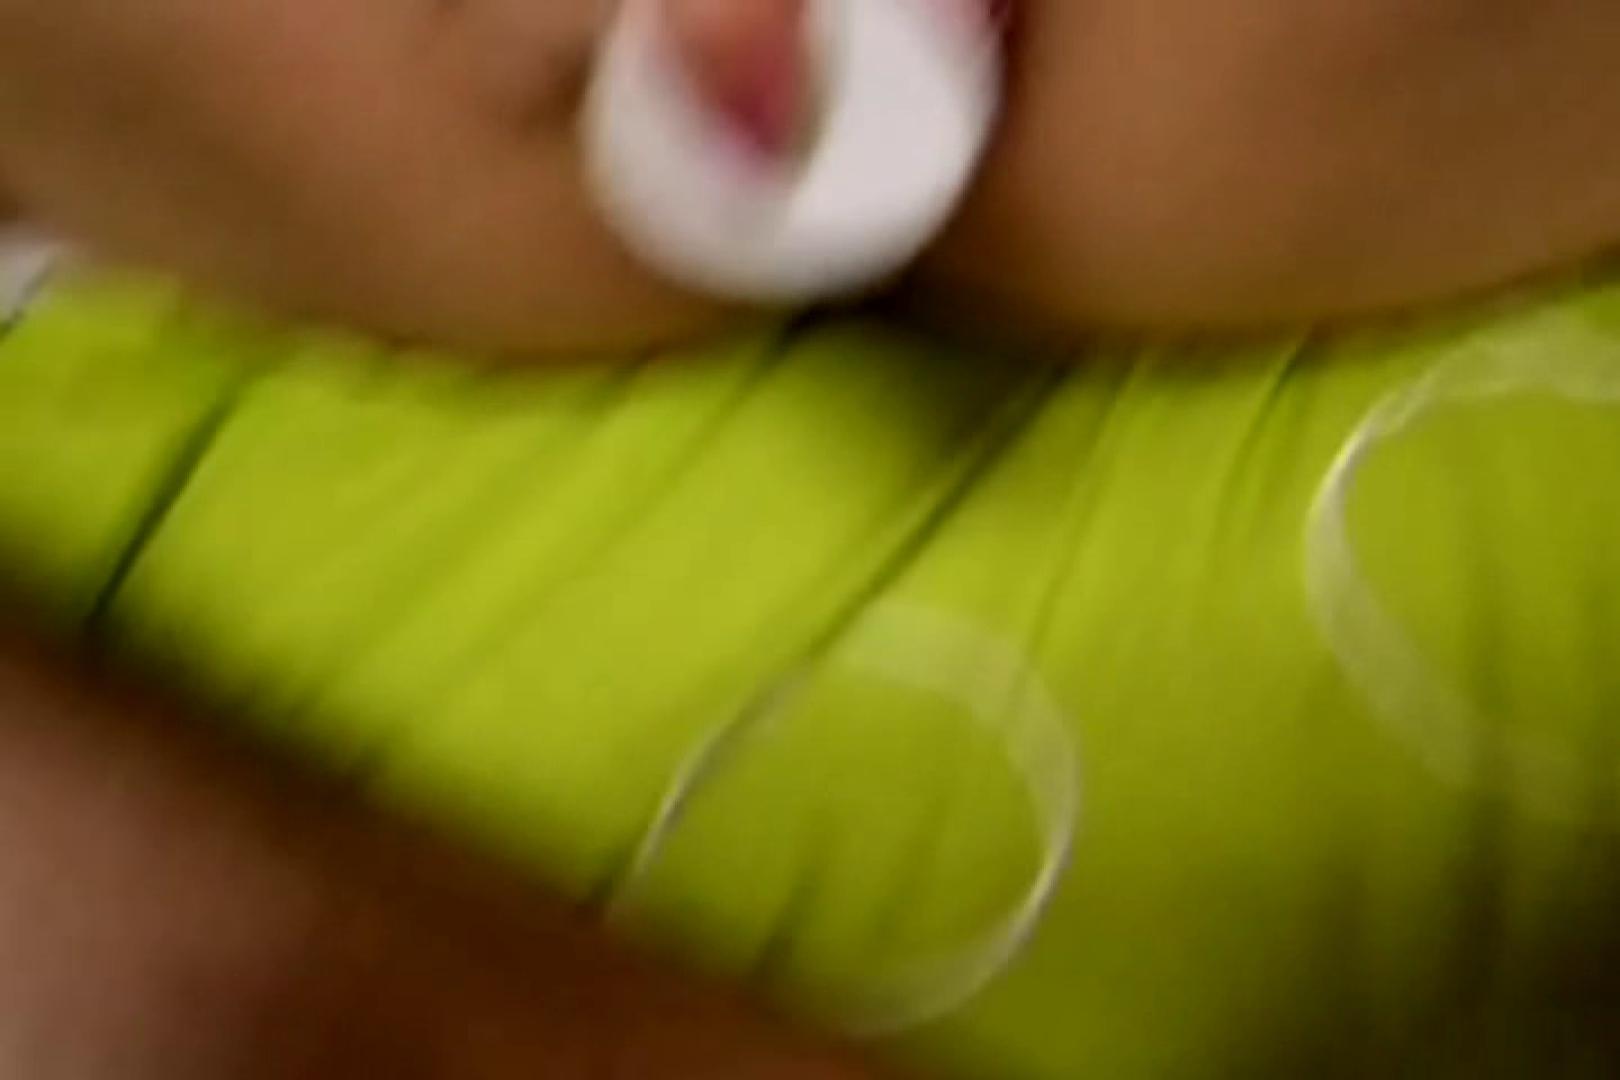 ウイルス流出 スクラムハット社長のアルバム バイブで!   ギャル達のオマンコ  101画像 69